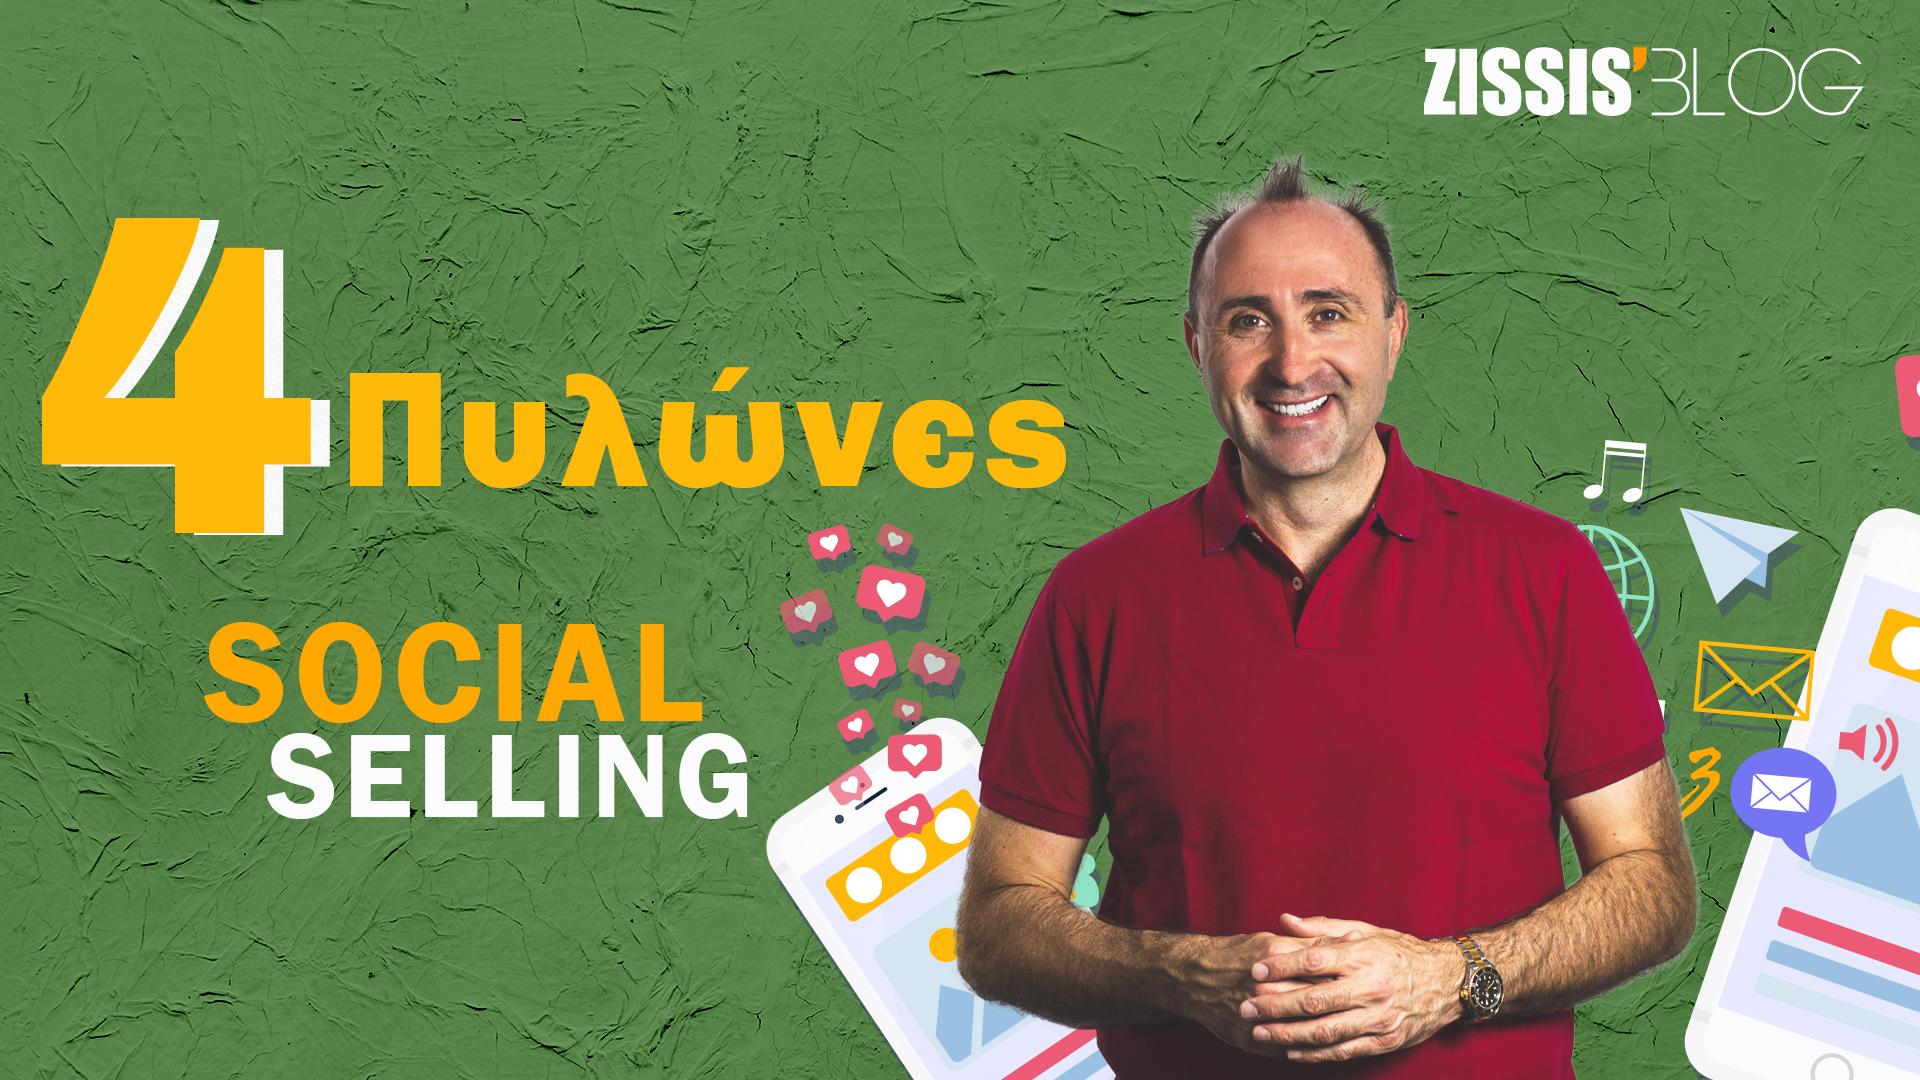 4 πυλώνες social selling